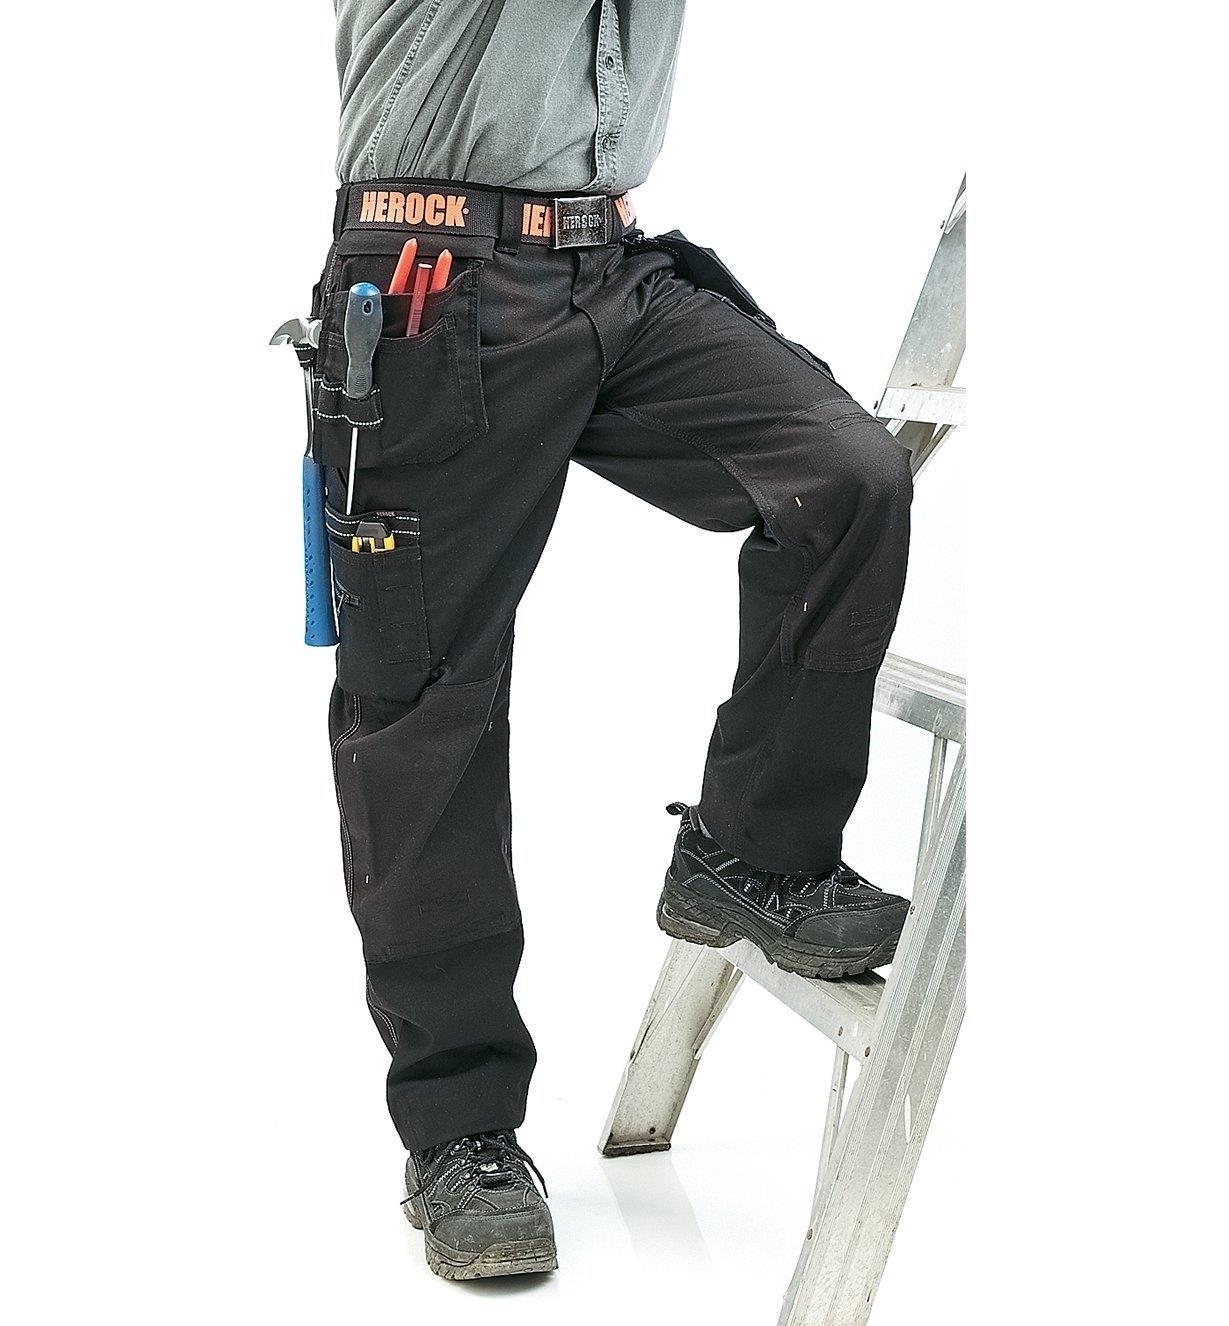 A man wearing Black Heavyweight Pants climbs a ladder